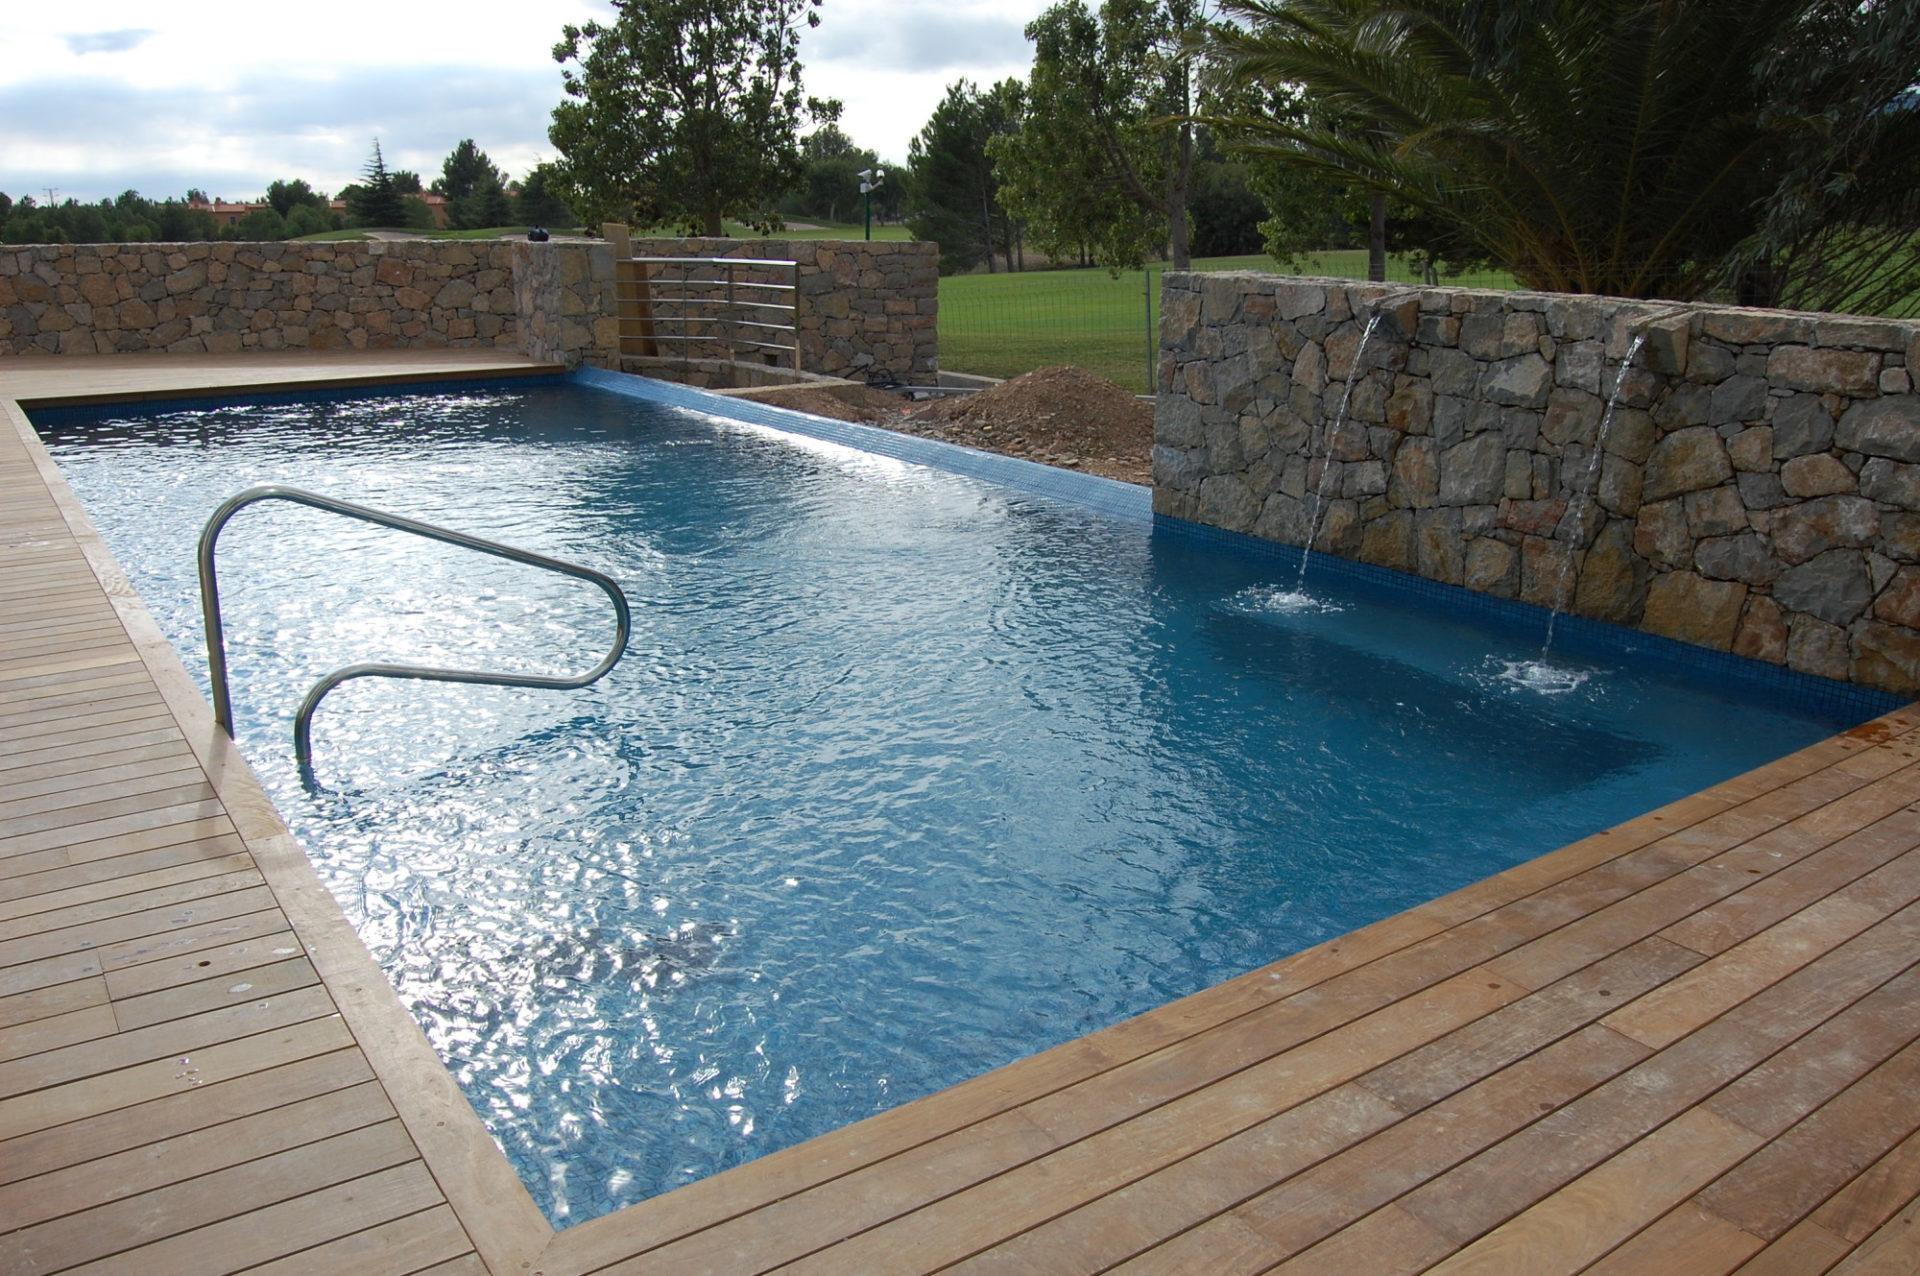 Piscinas prefabricadas en poliester piscinas prefabricadas rapidez y calidad asegurada - Piscinas rusticas ...